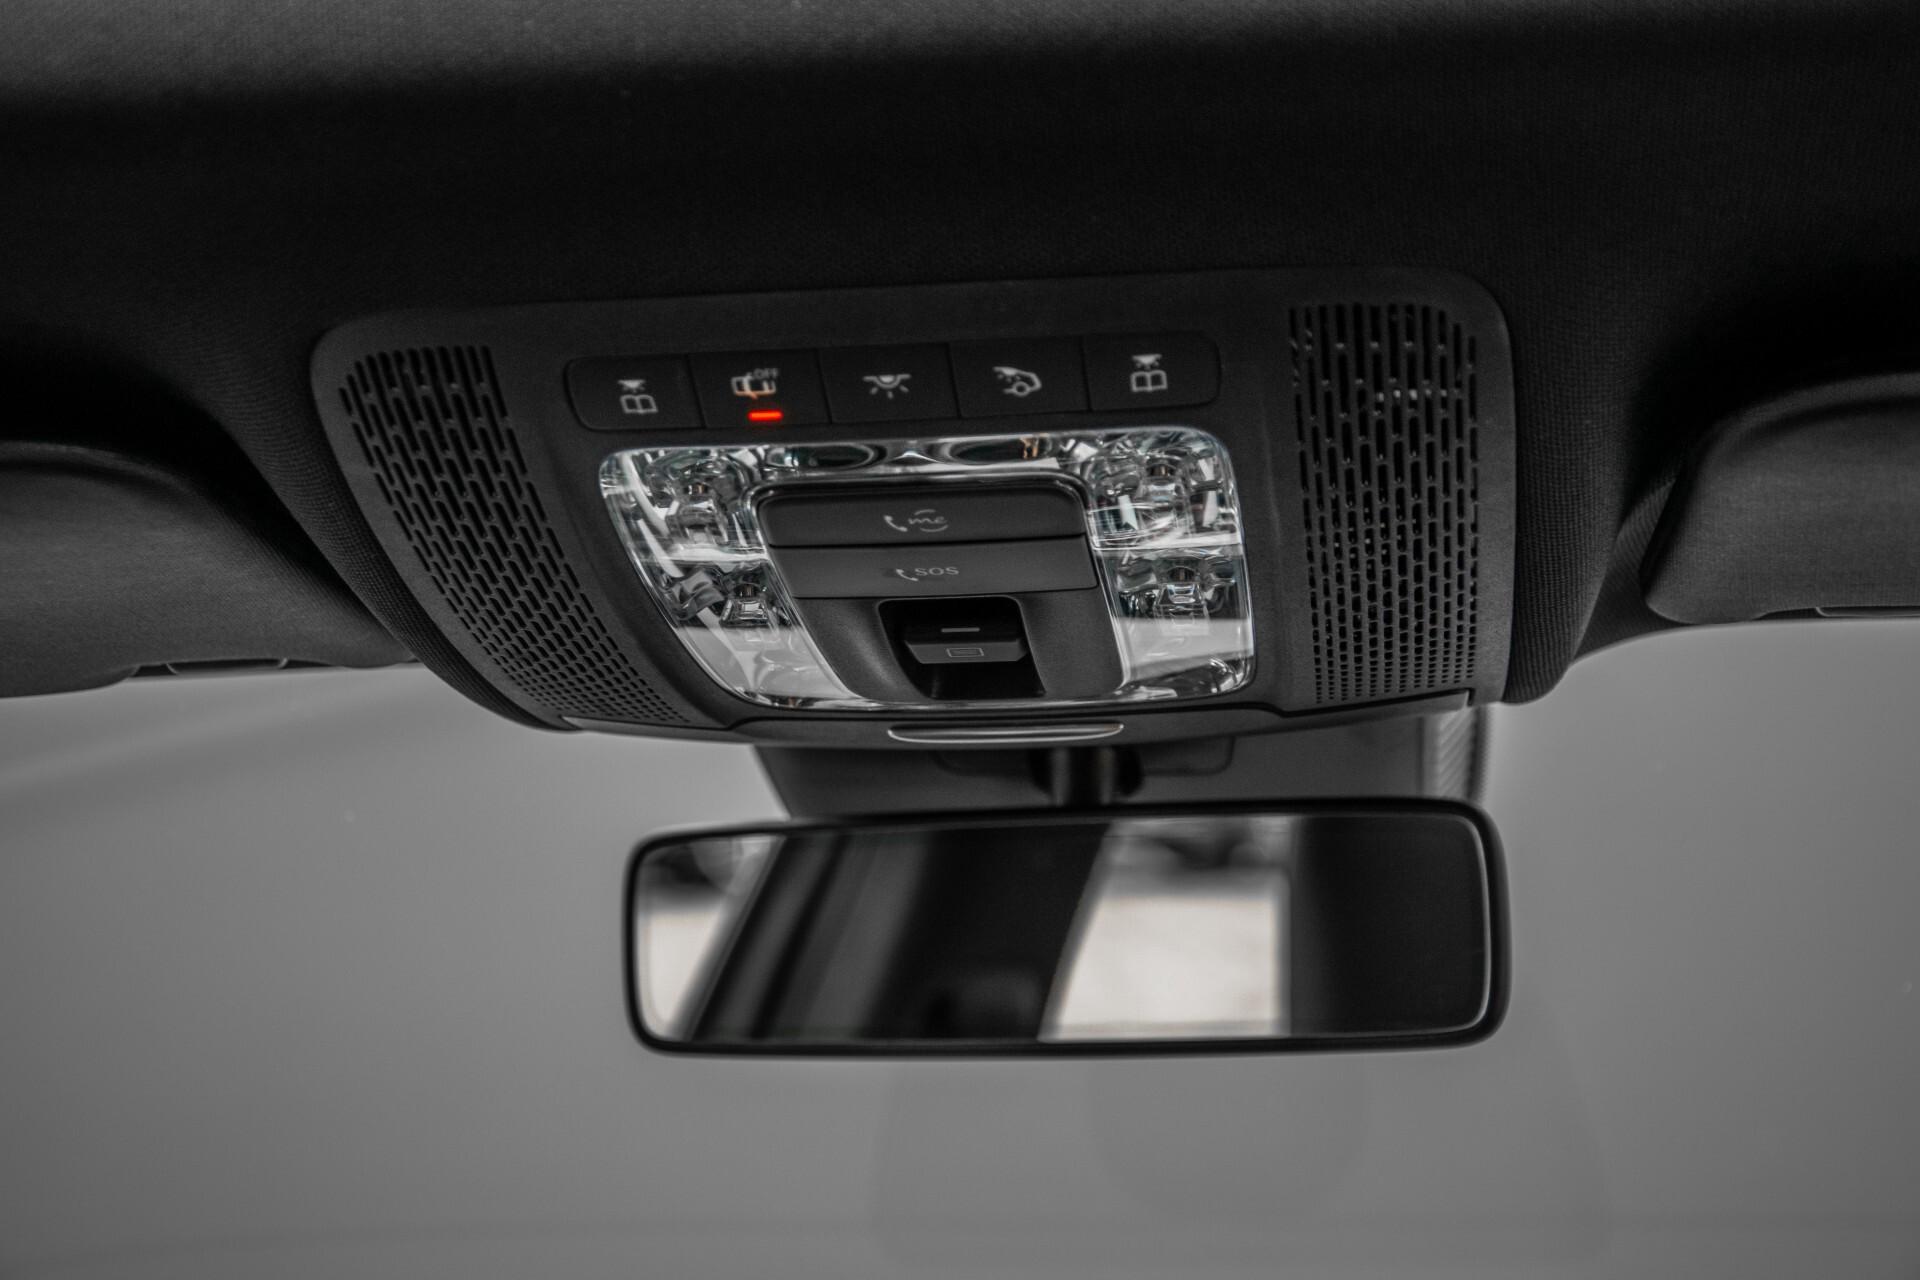 Mercedes-Benz A-Klasse 180 d AMG Panorama/MBUX/DAB/LED Aut7 Foto 48